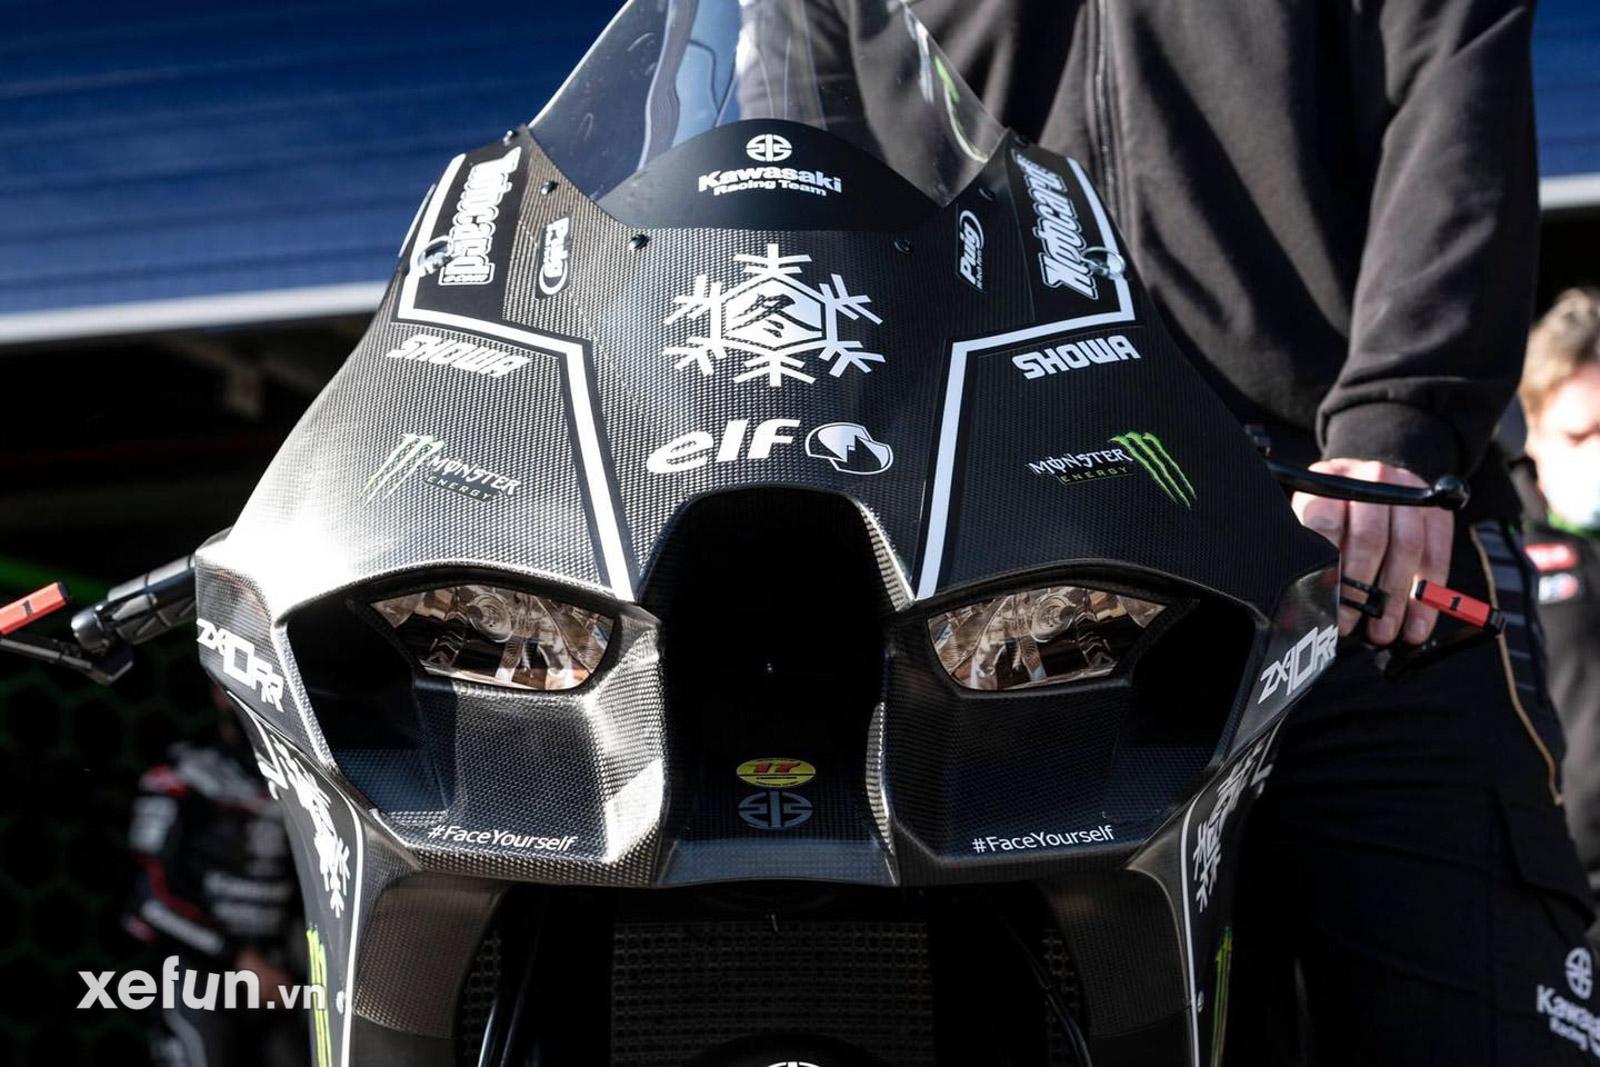 Sự kiện ra mắt Kawasaki ZX10R kèm giá bán trực tuyến vào đêm nay trên Xefun